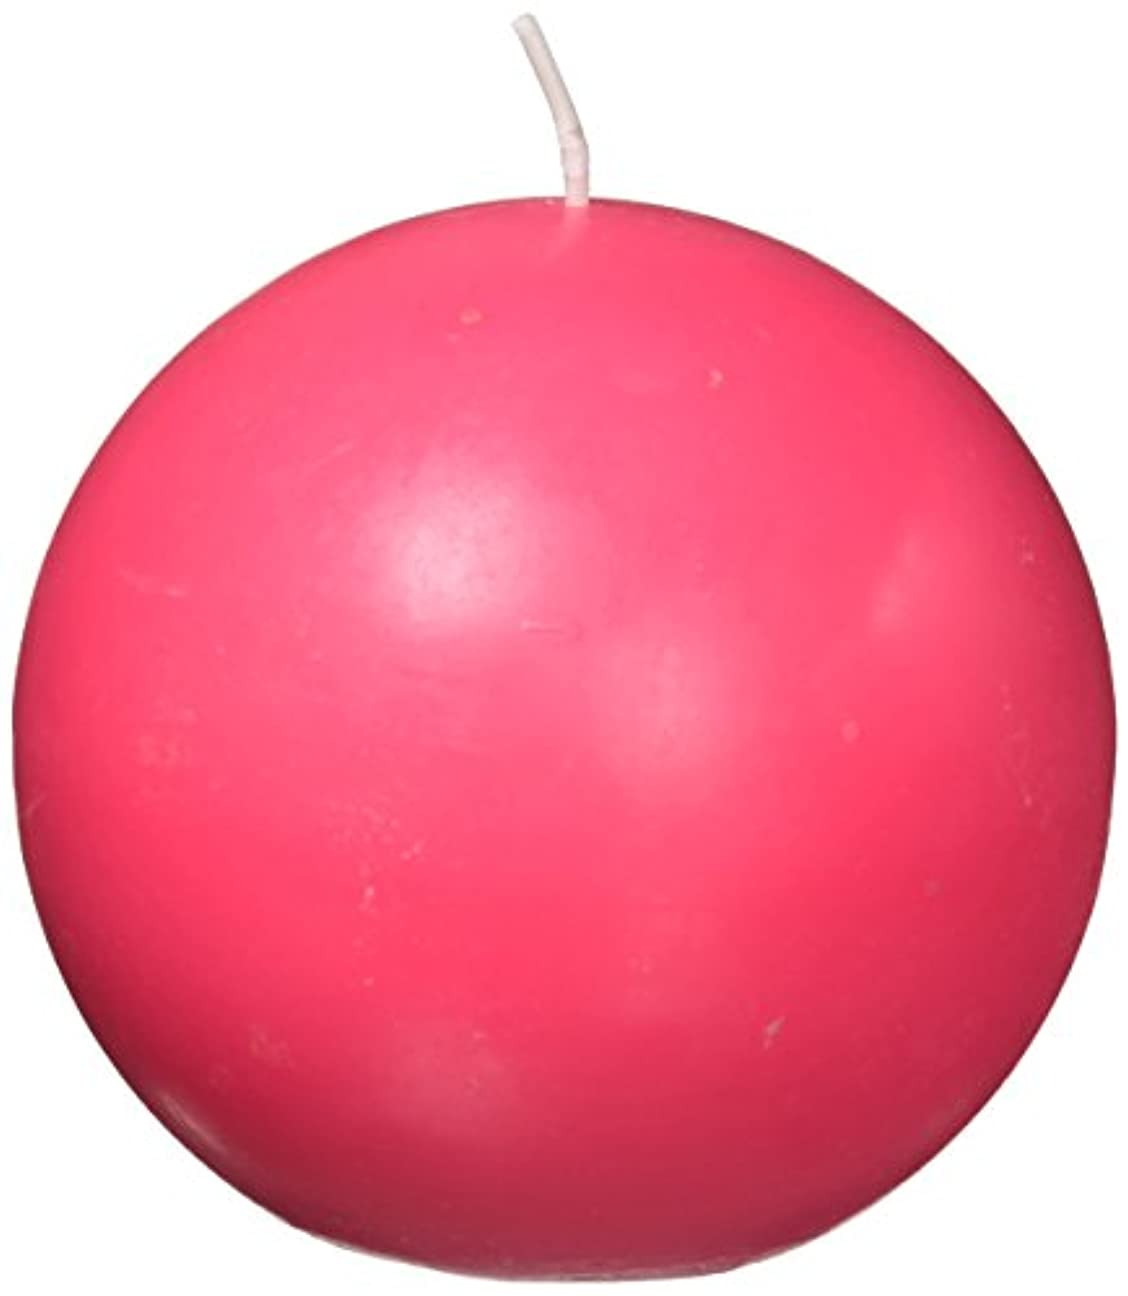 フルートセレナゼリーZest Candle CBZ-027 4 in. Hot Pink Ball Candles -2pc-Box